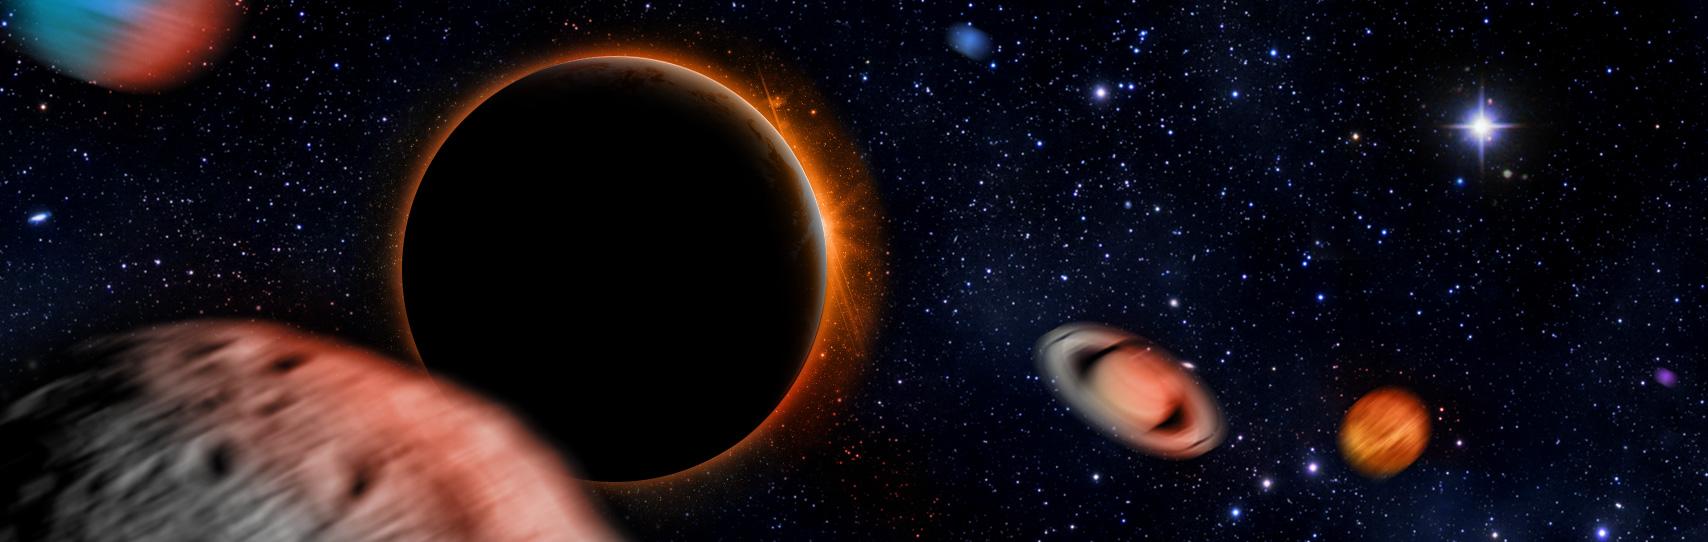 I pianeti del Sistema Solare potrebbero essere scagliati nello spazio interstellare a causa del Pianeta 9. Crediti: Università di Warwick